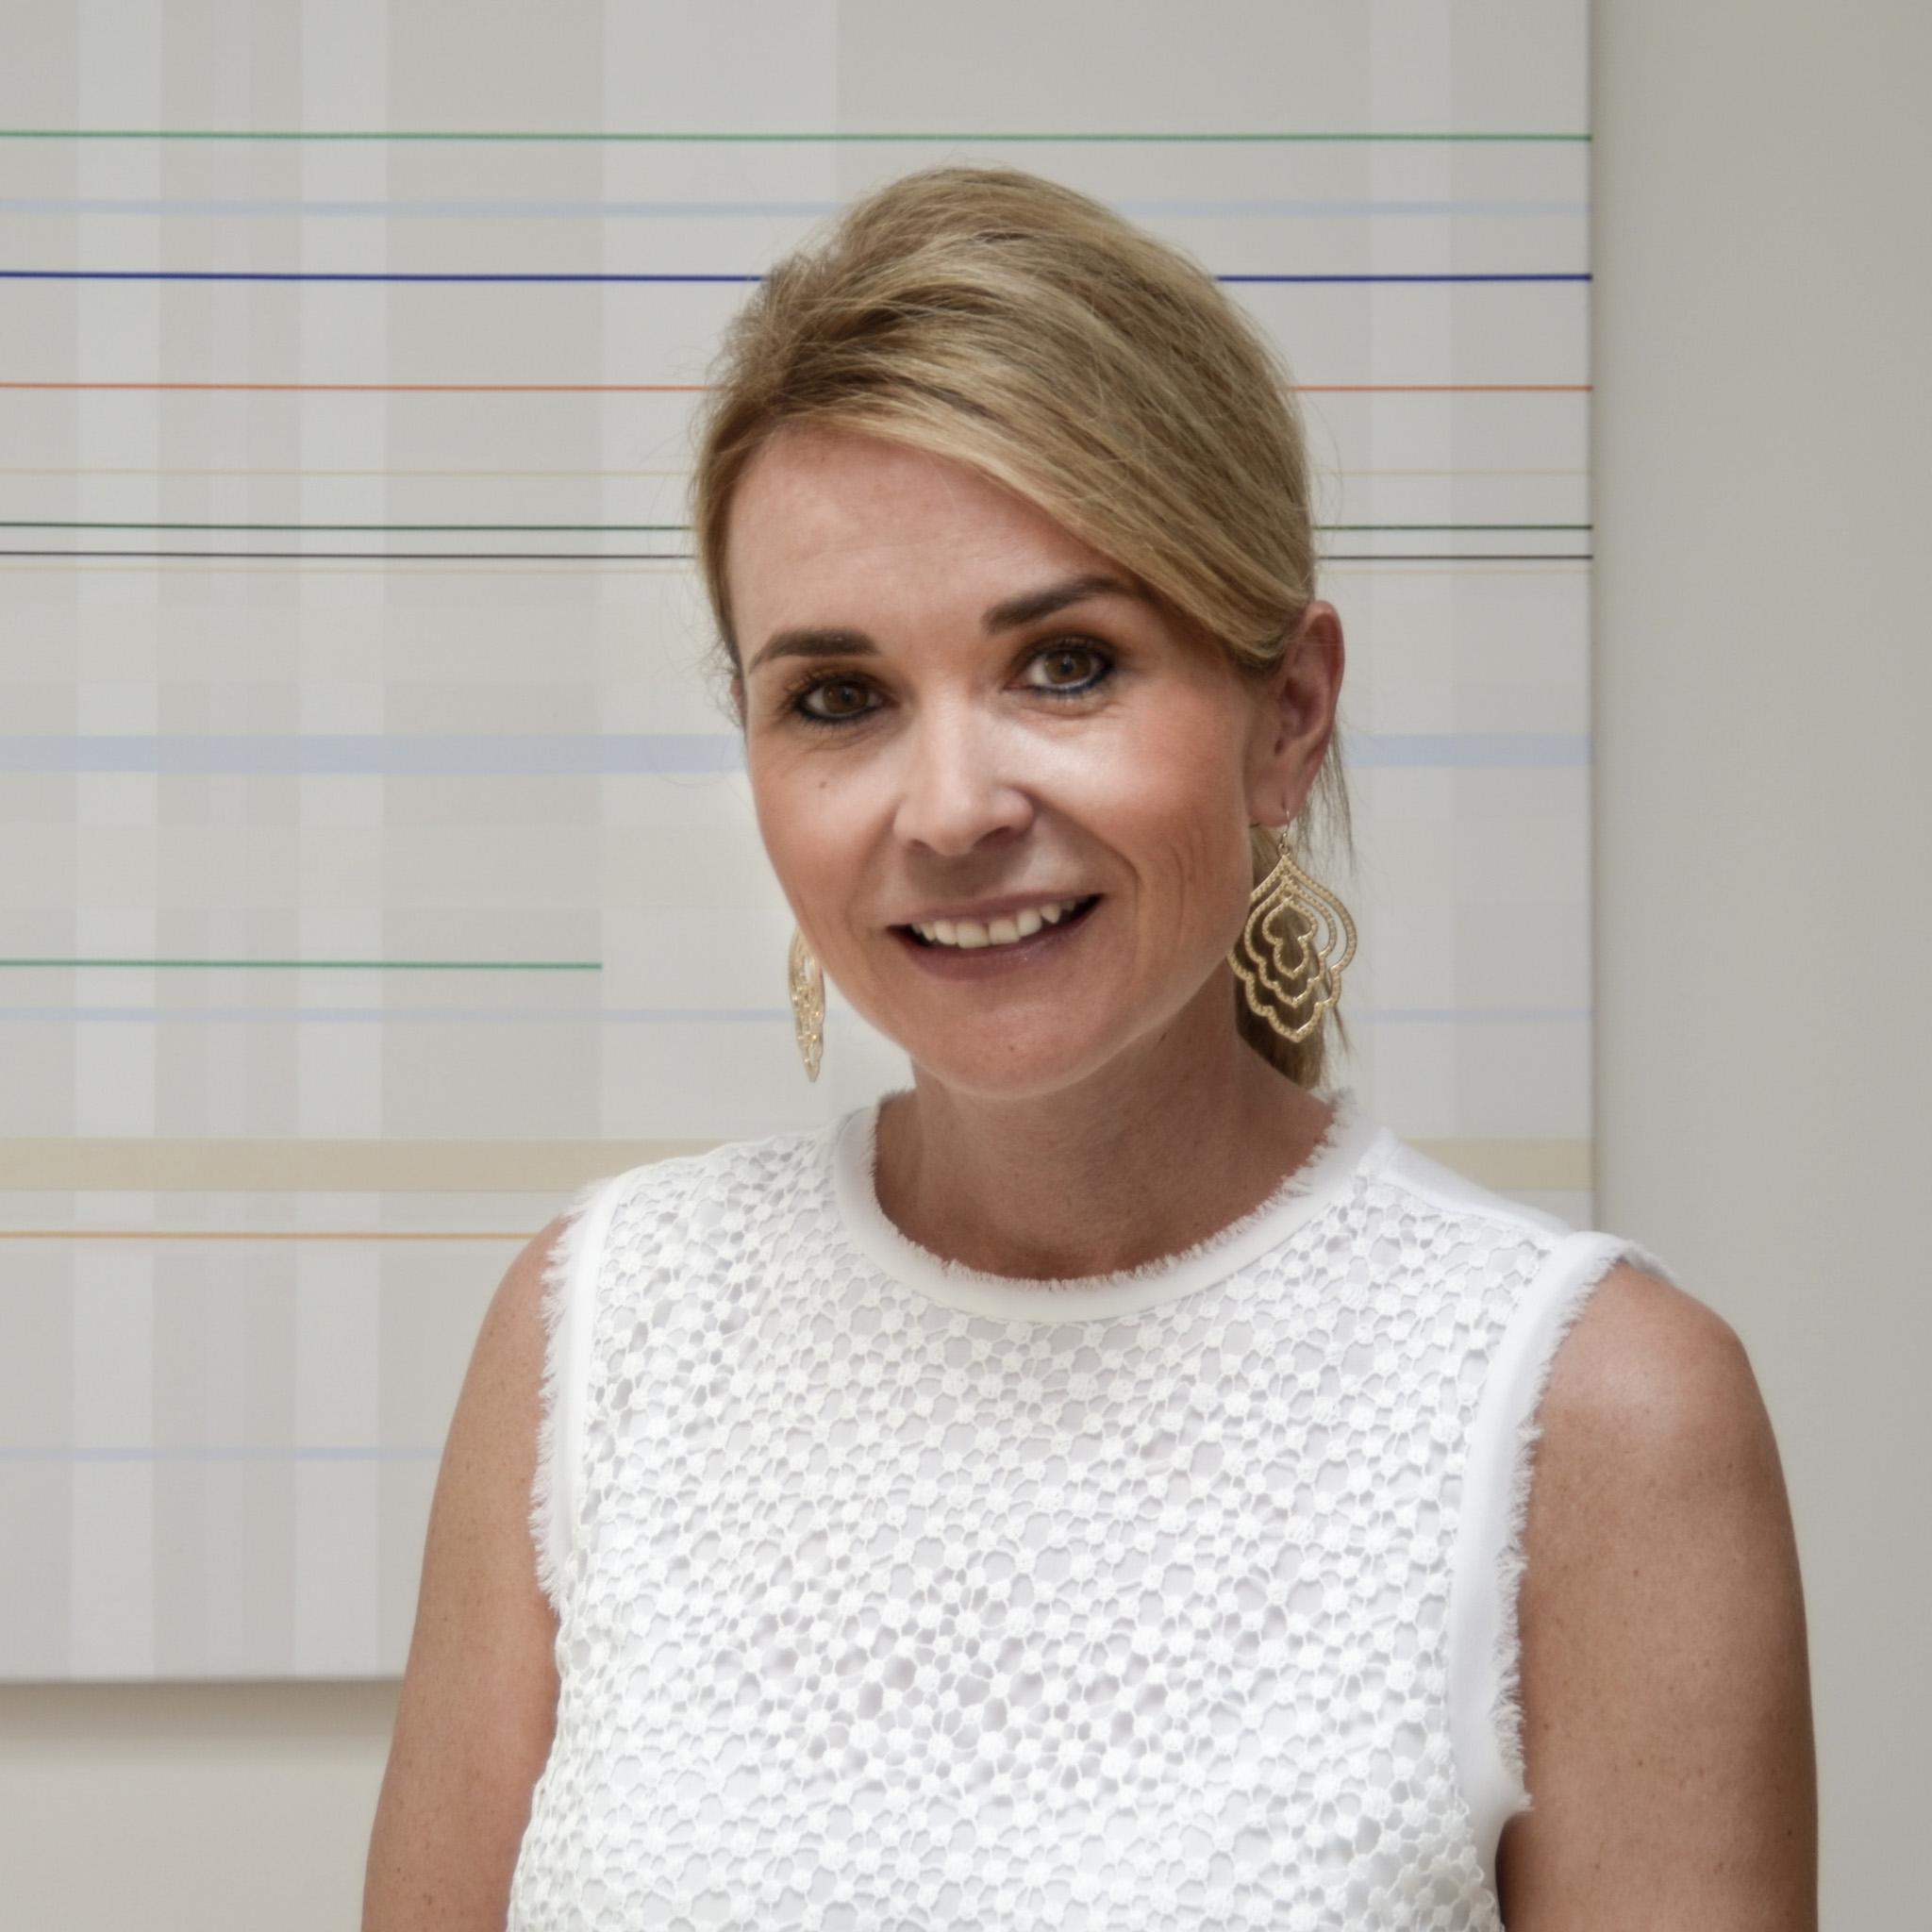 Nicole Meier-Hilti